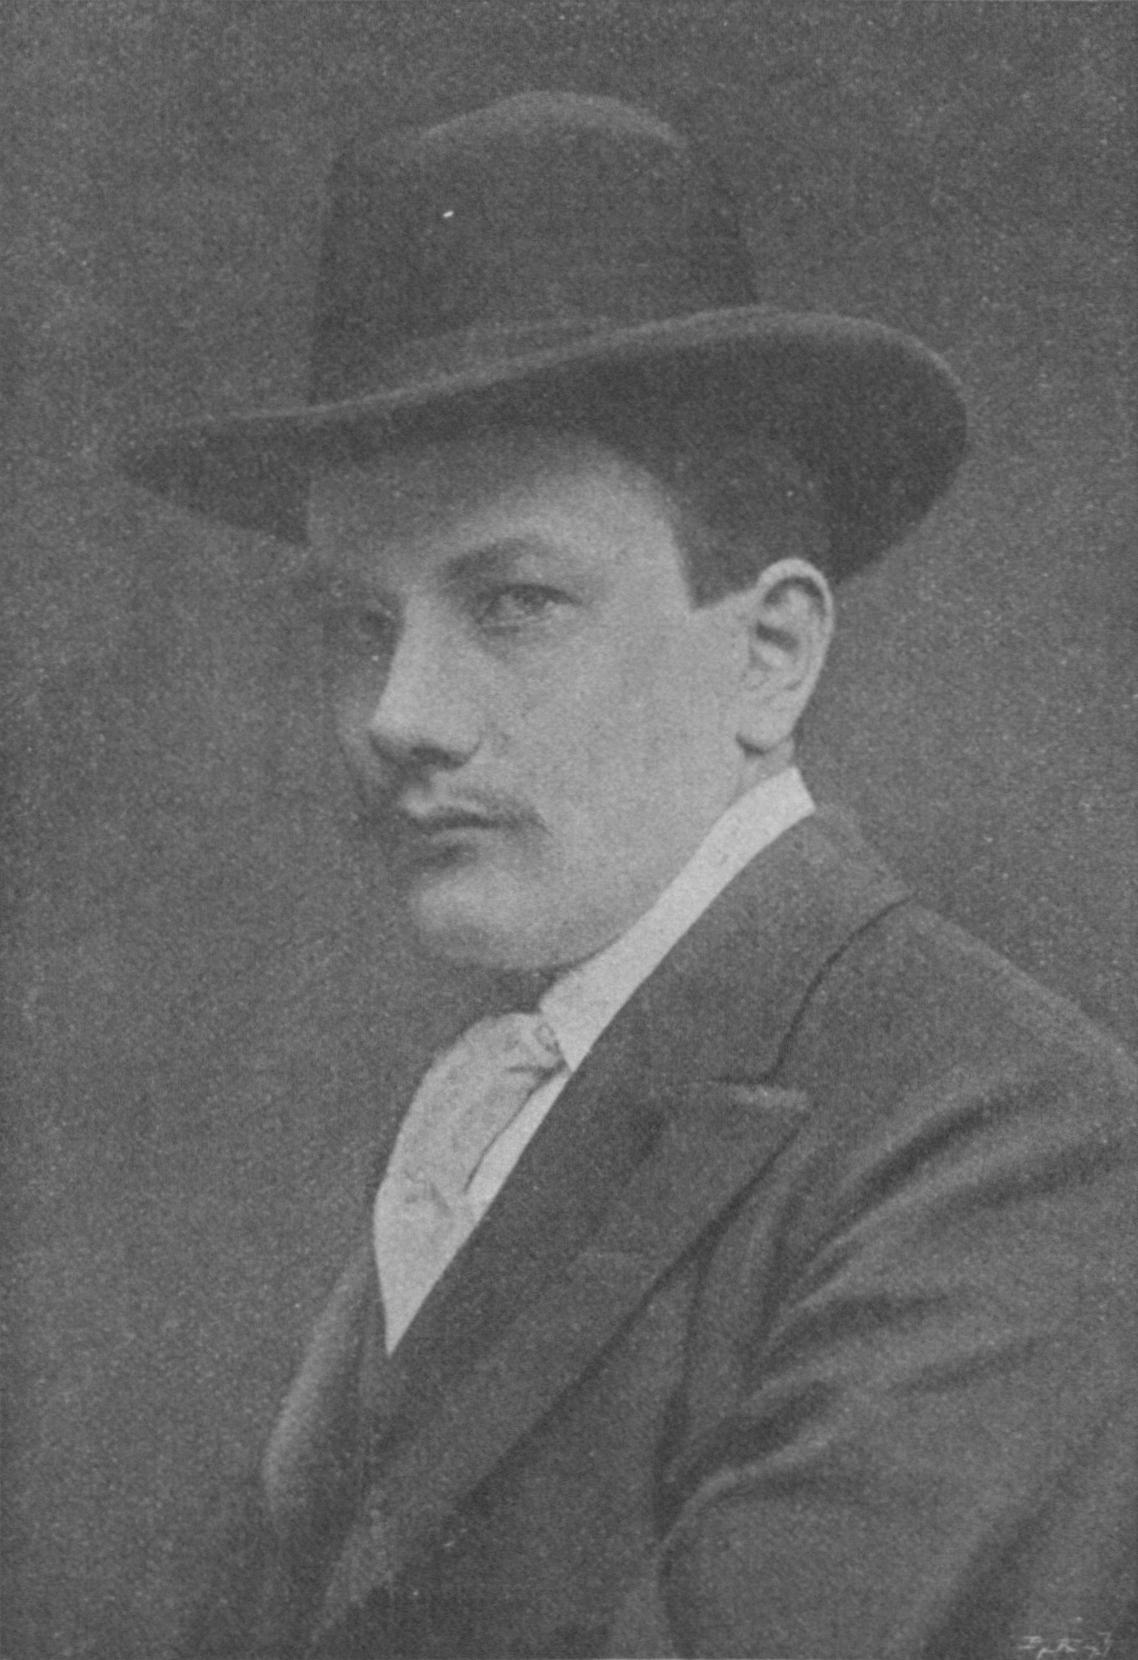 Ernst Von Dohnanyi